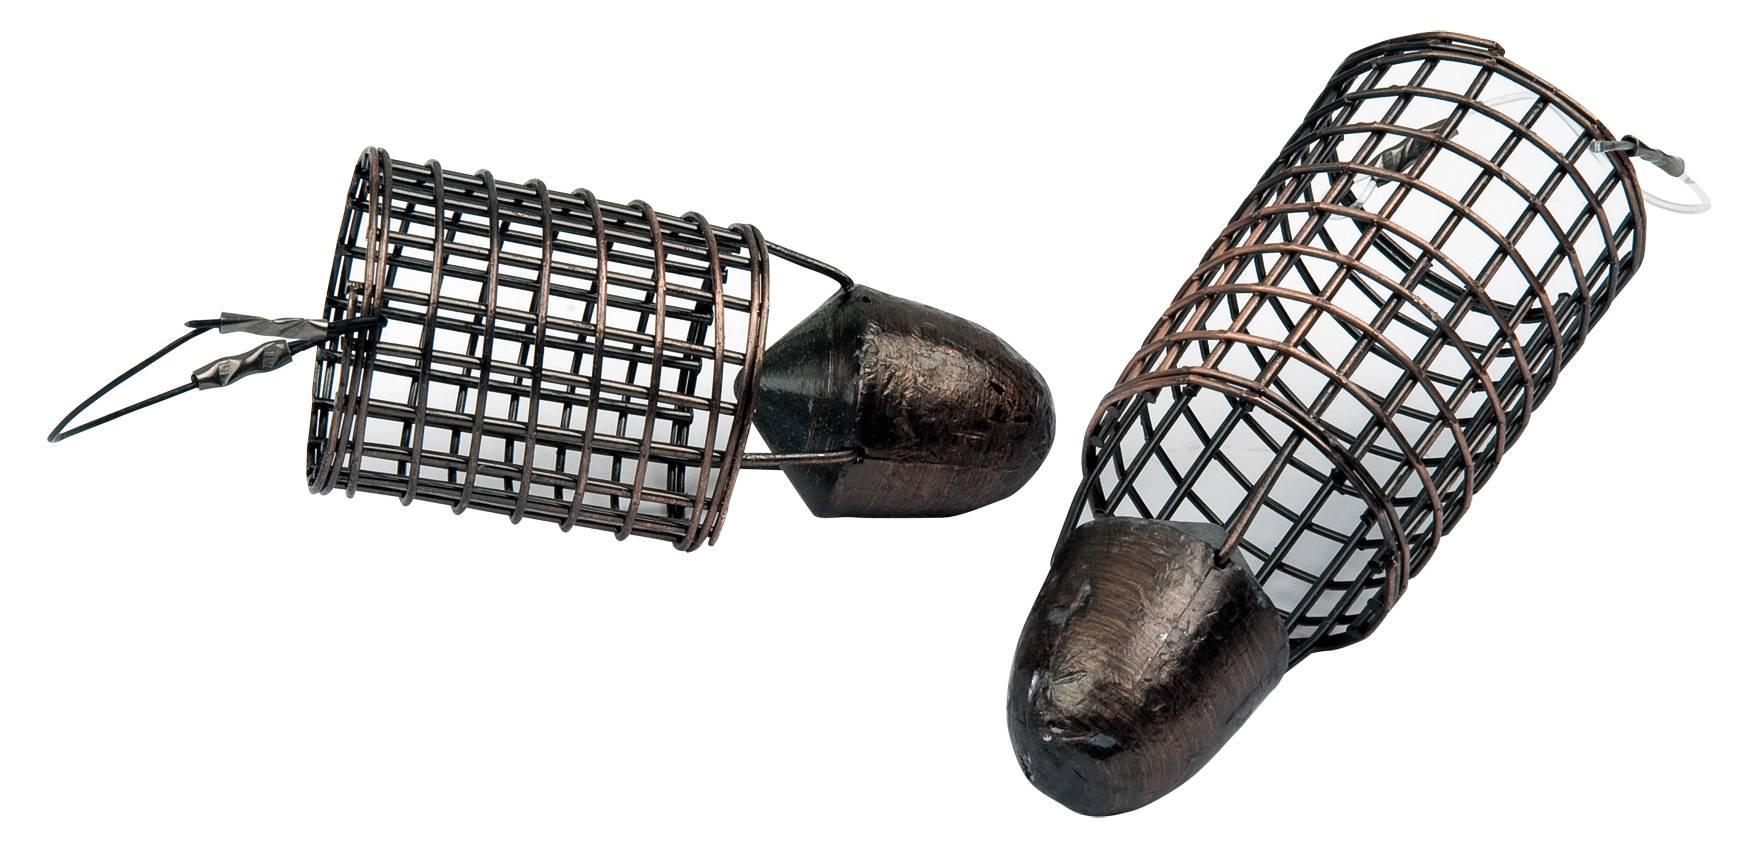 Пошаговая инструкция по изготовлению фидерной снасти своими руками